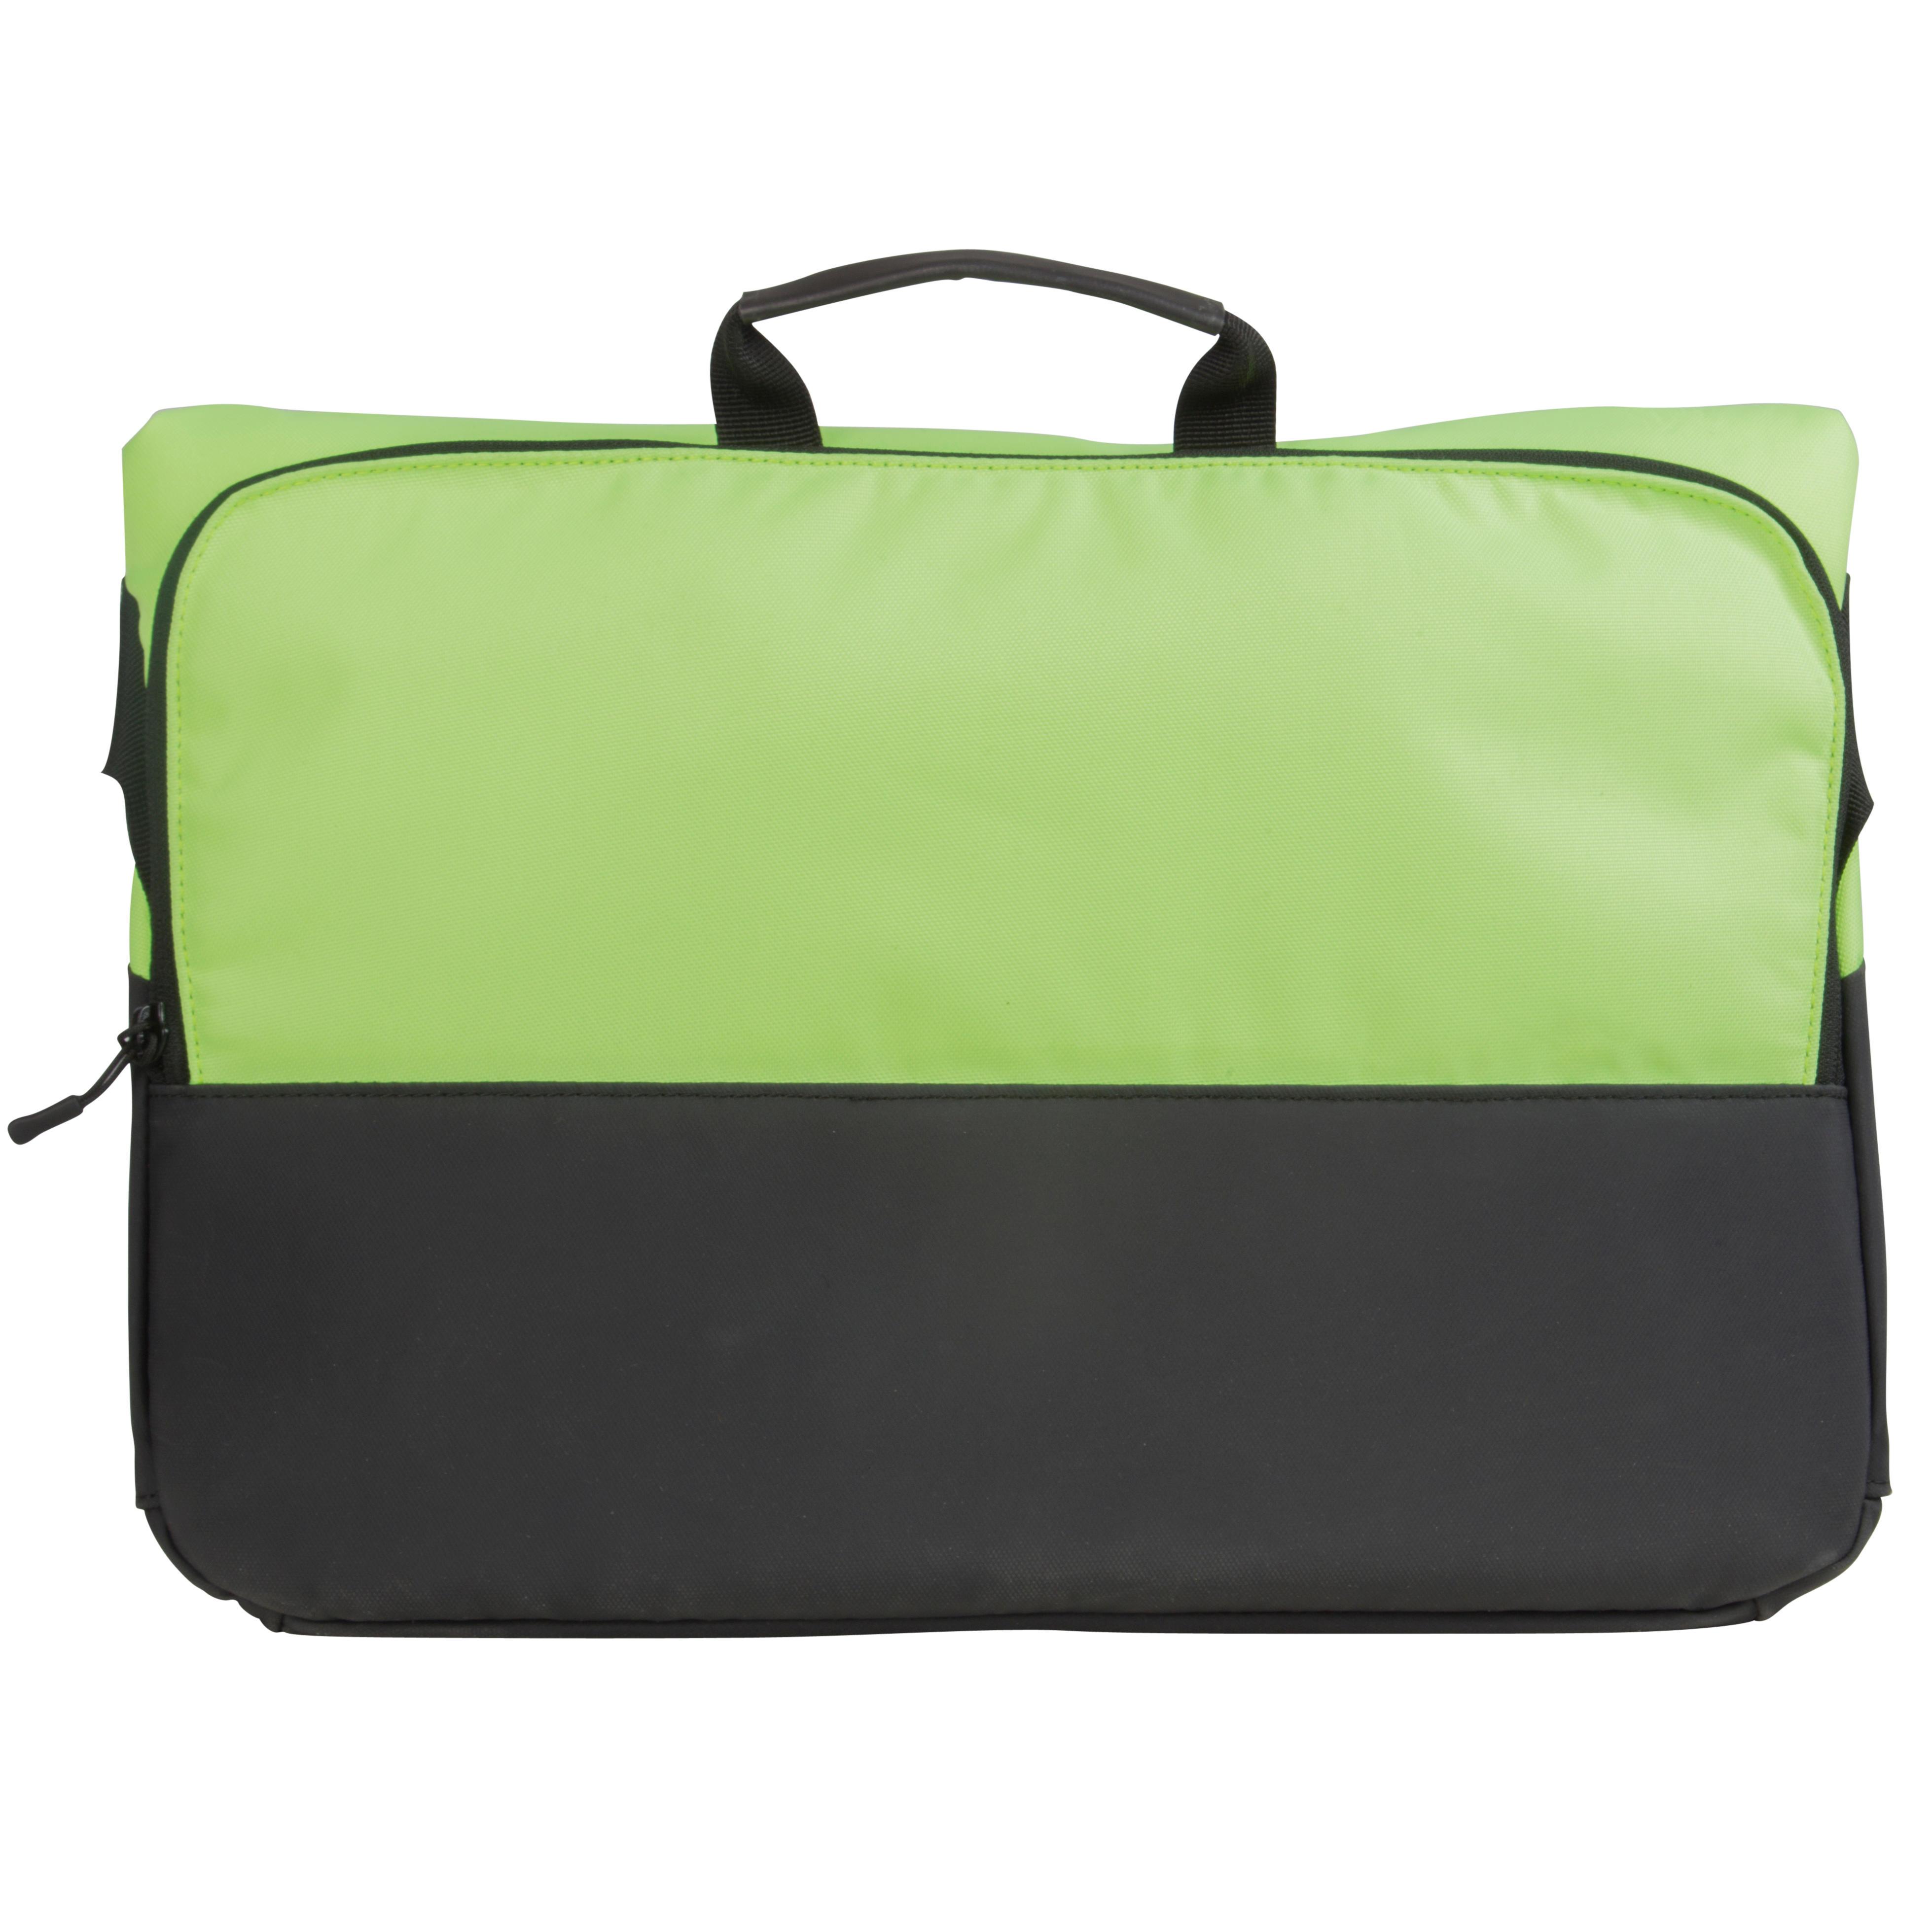 900 Messenger Bag - Yellow